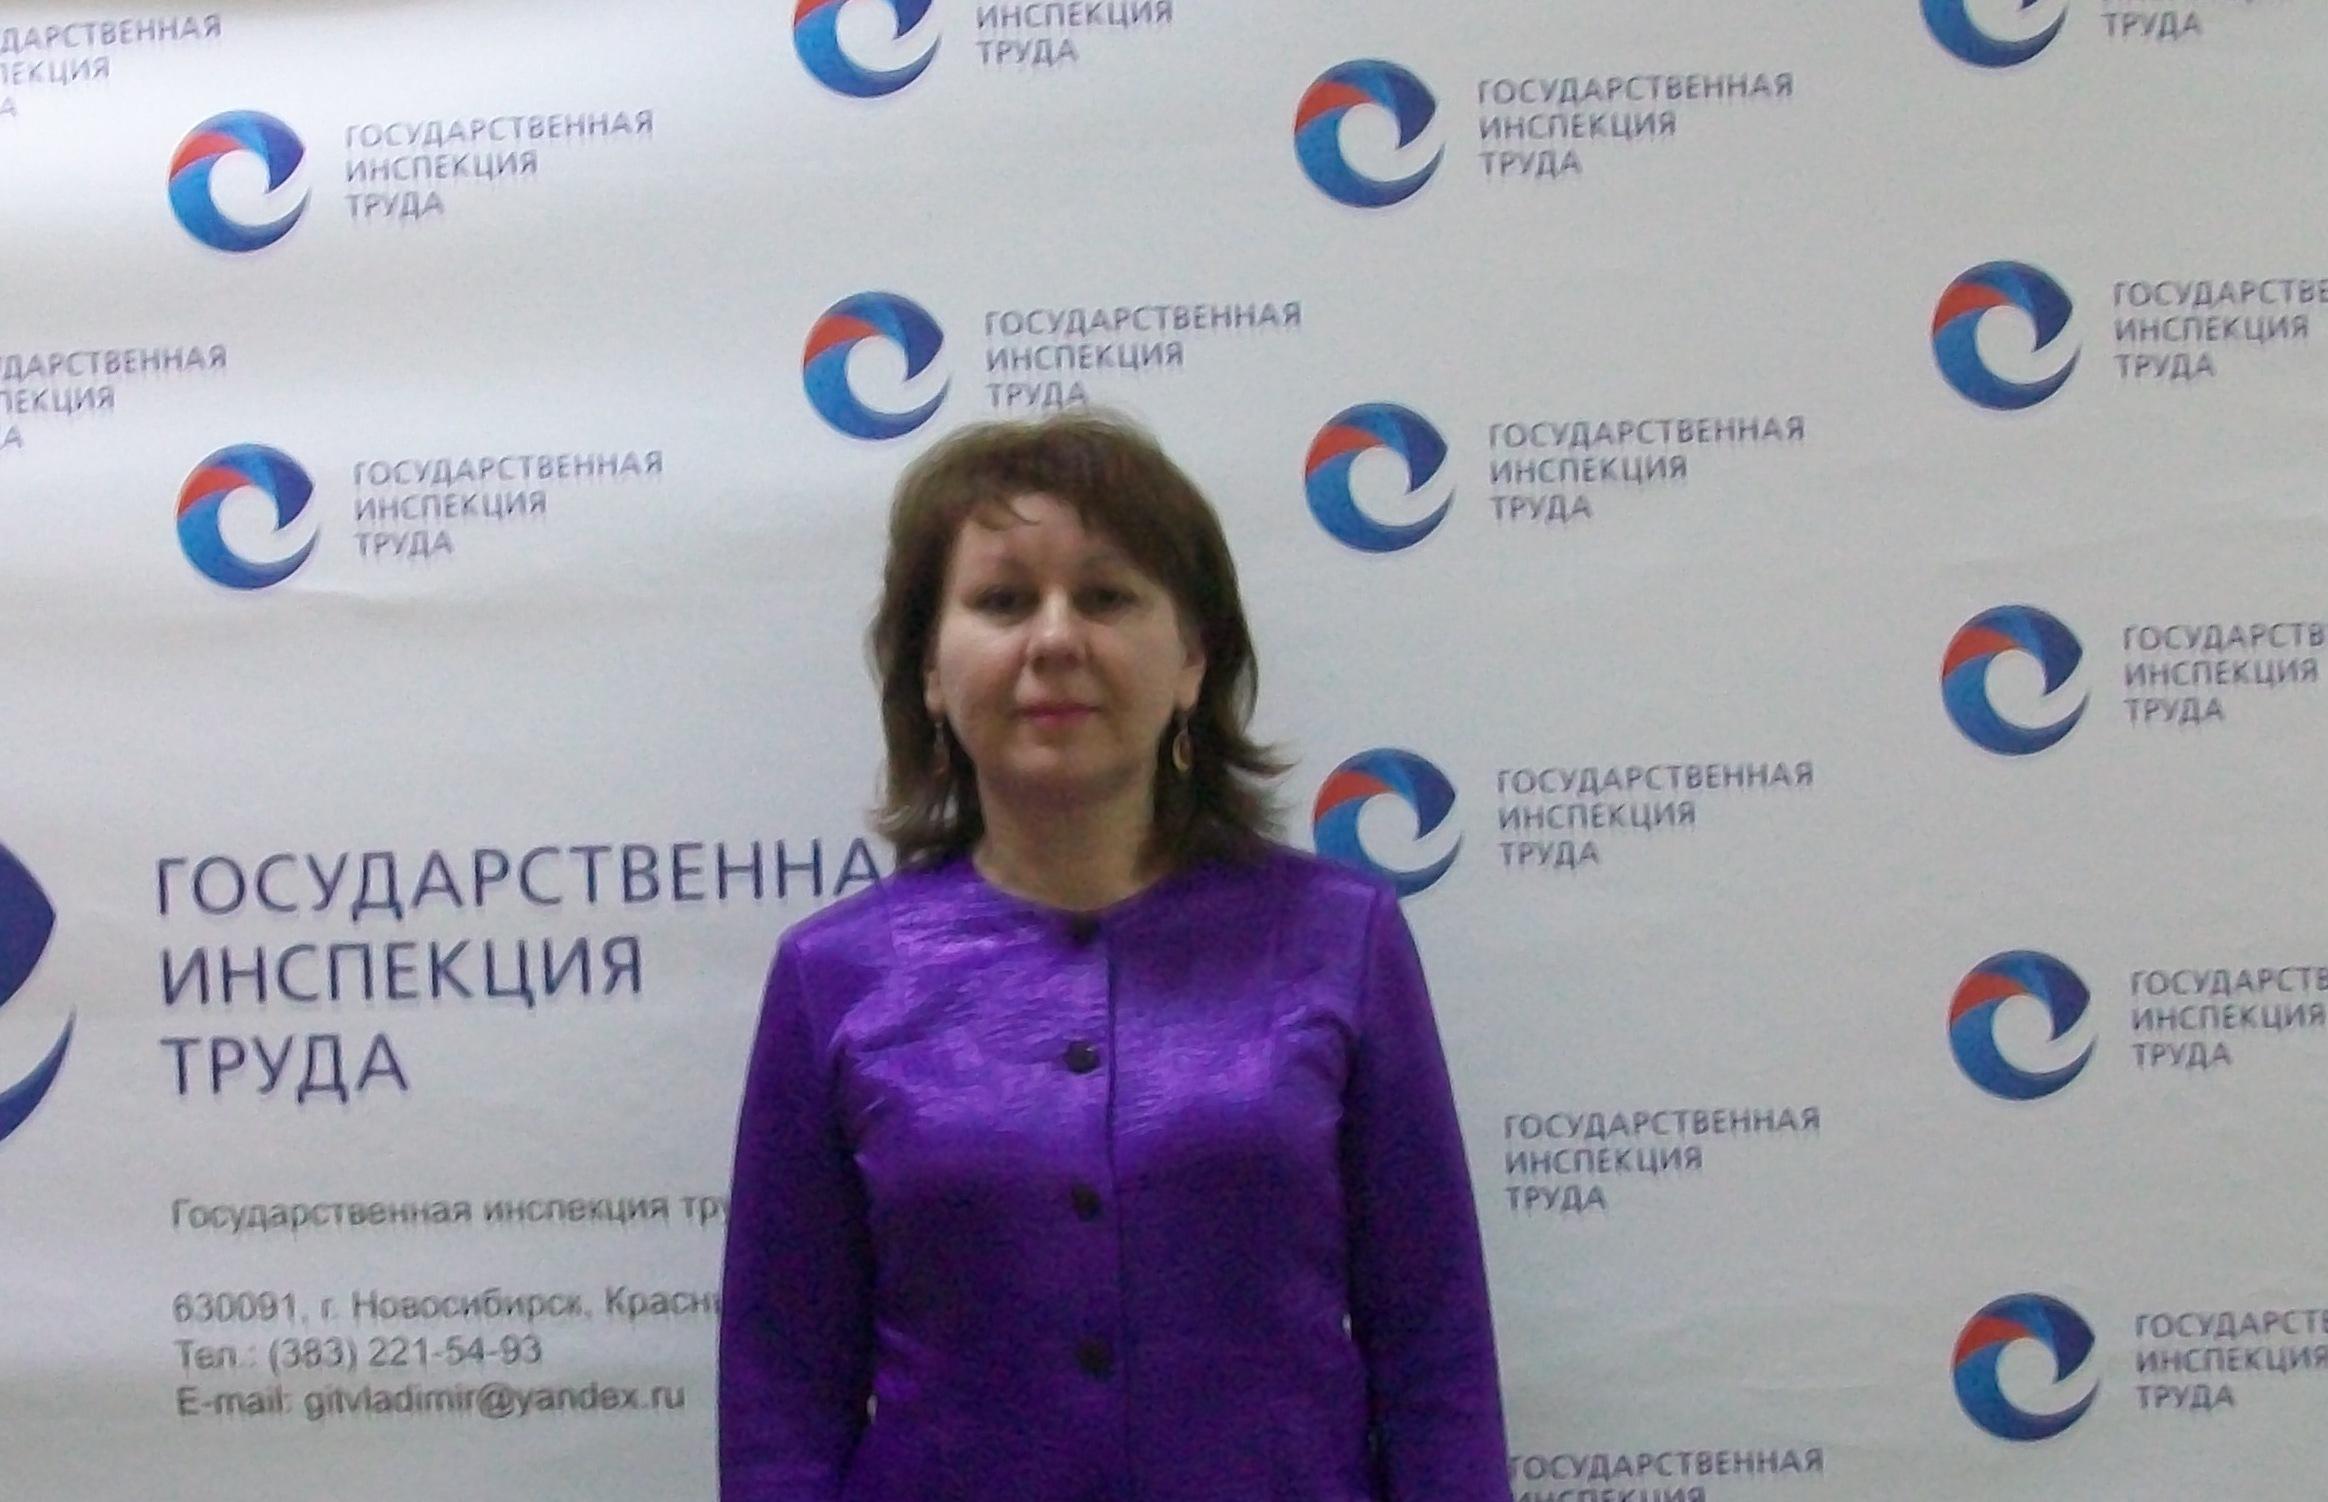 очень трудовая инспекция иркутская область официальный сайт термобелья Craft Baselayer